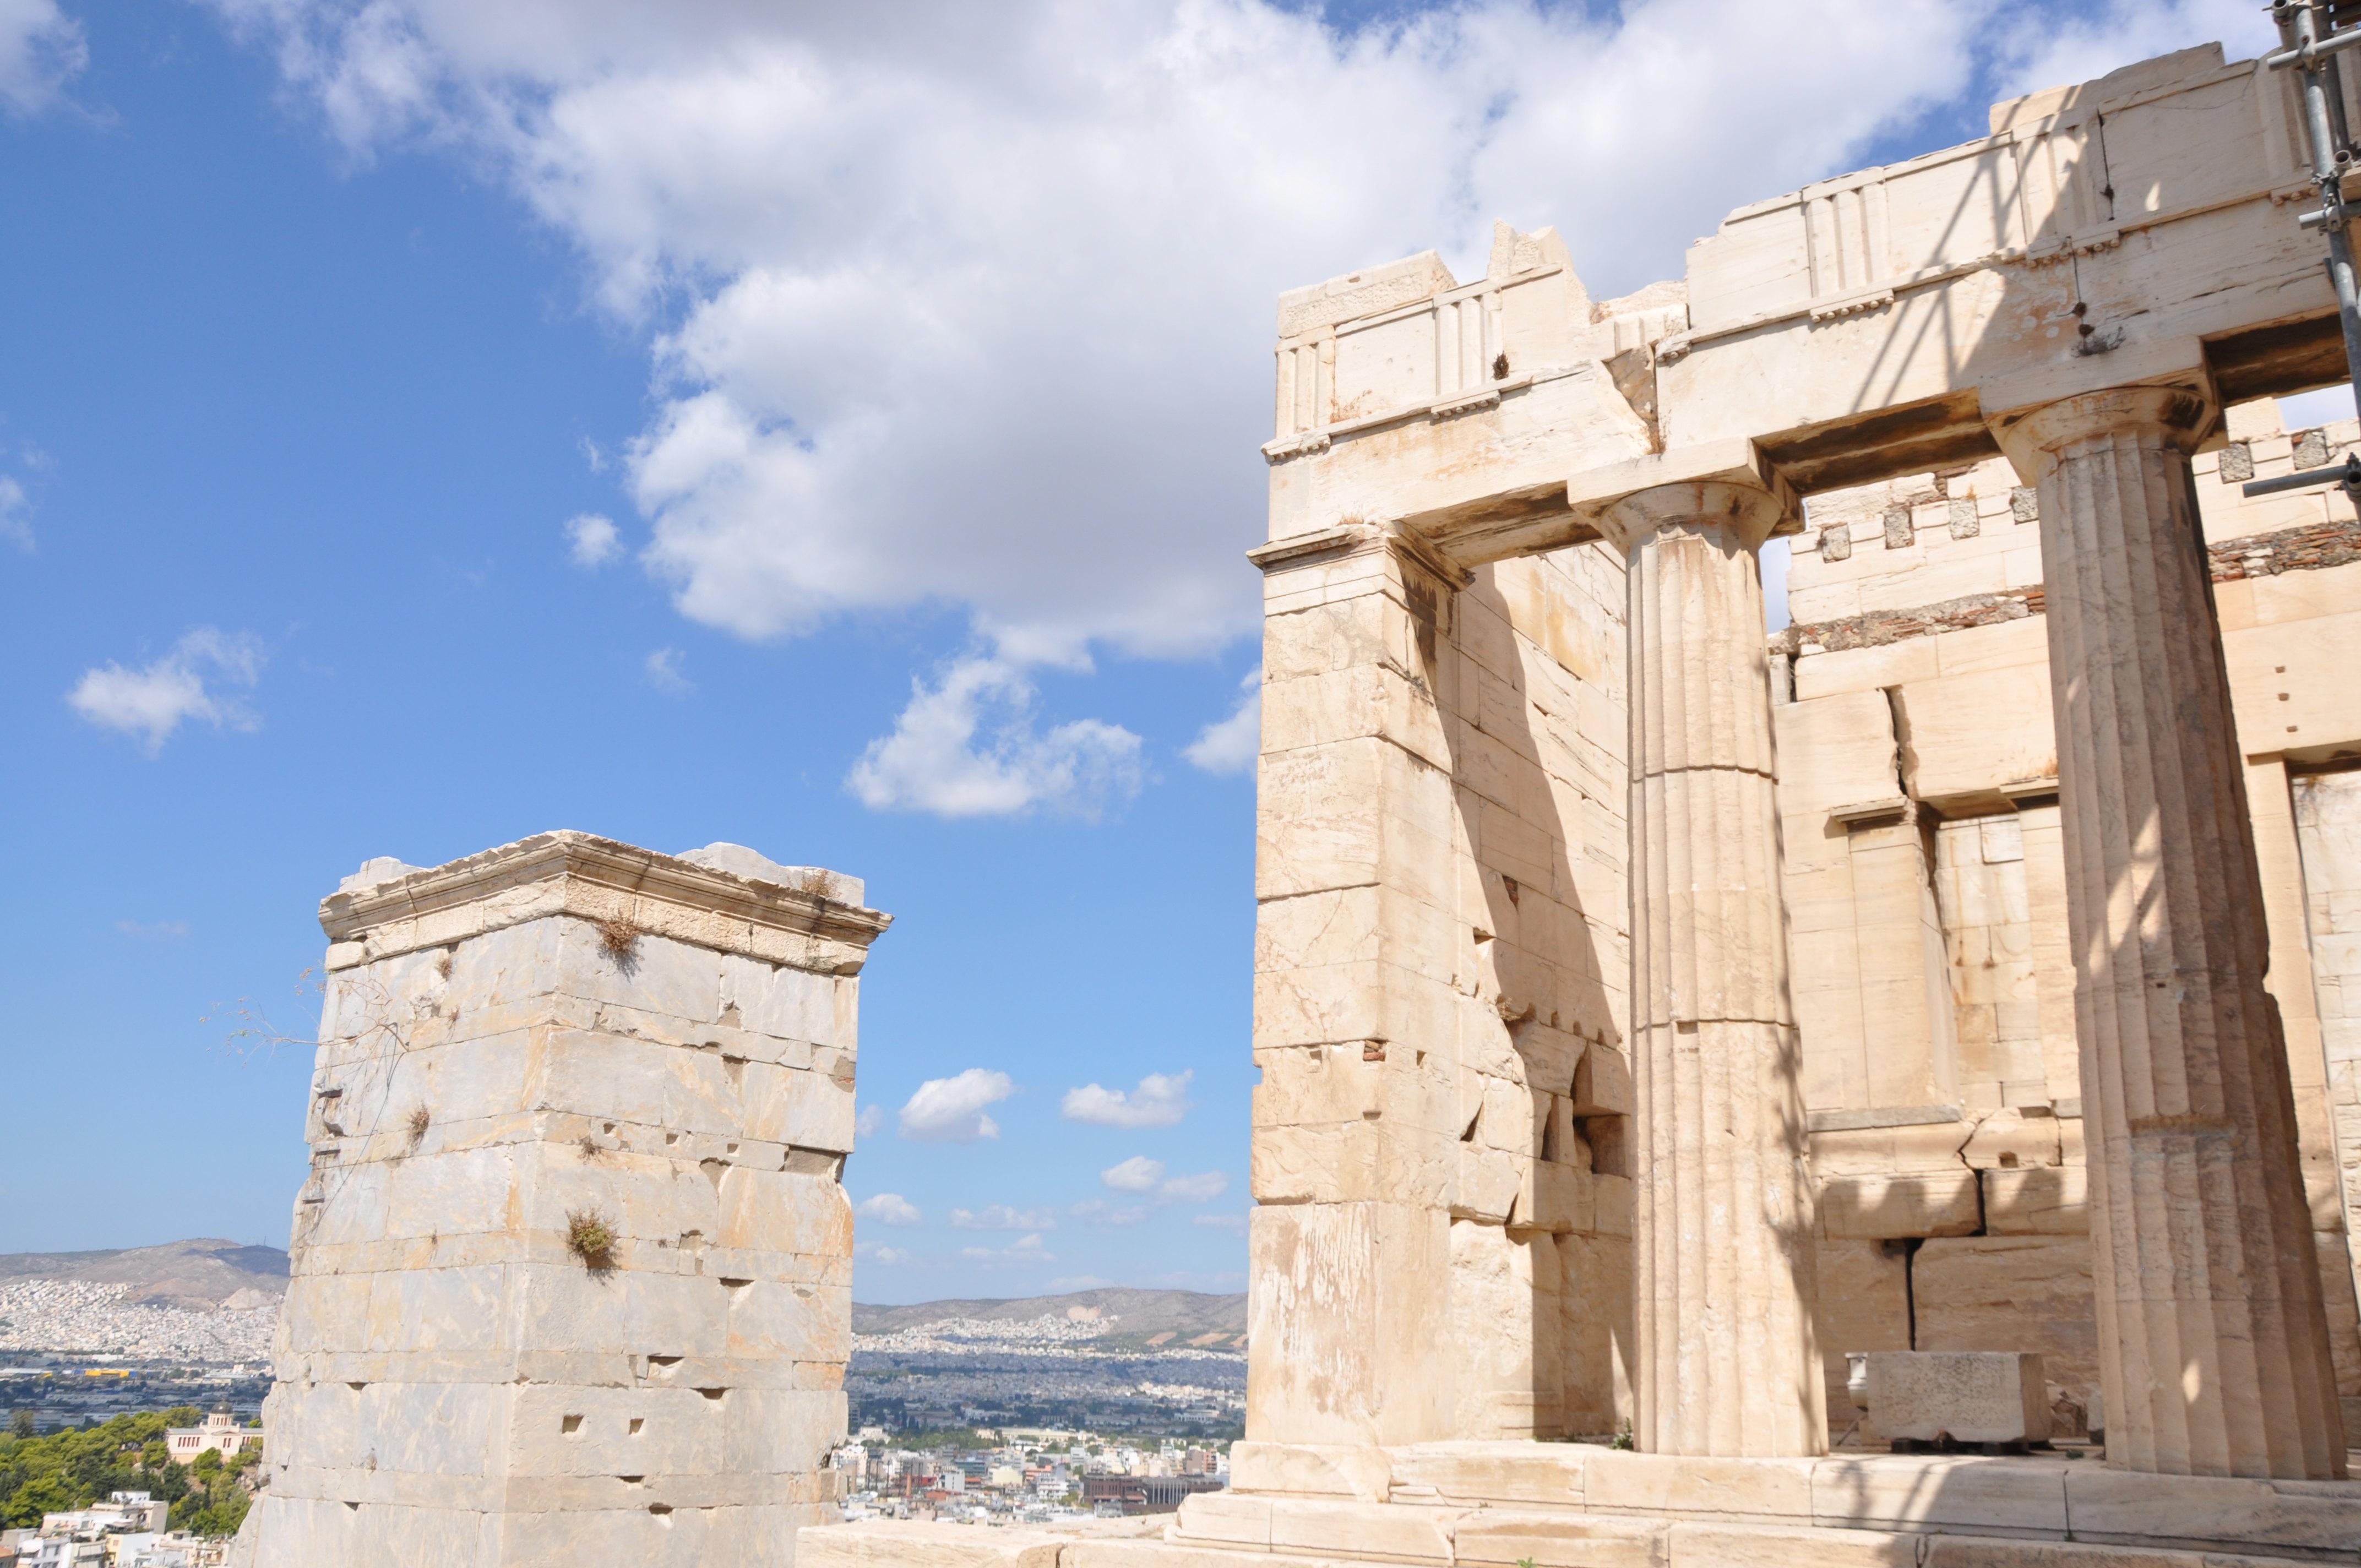 【携程攻略】雅典卫城山门景点,站在卫城山门,可以城